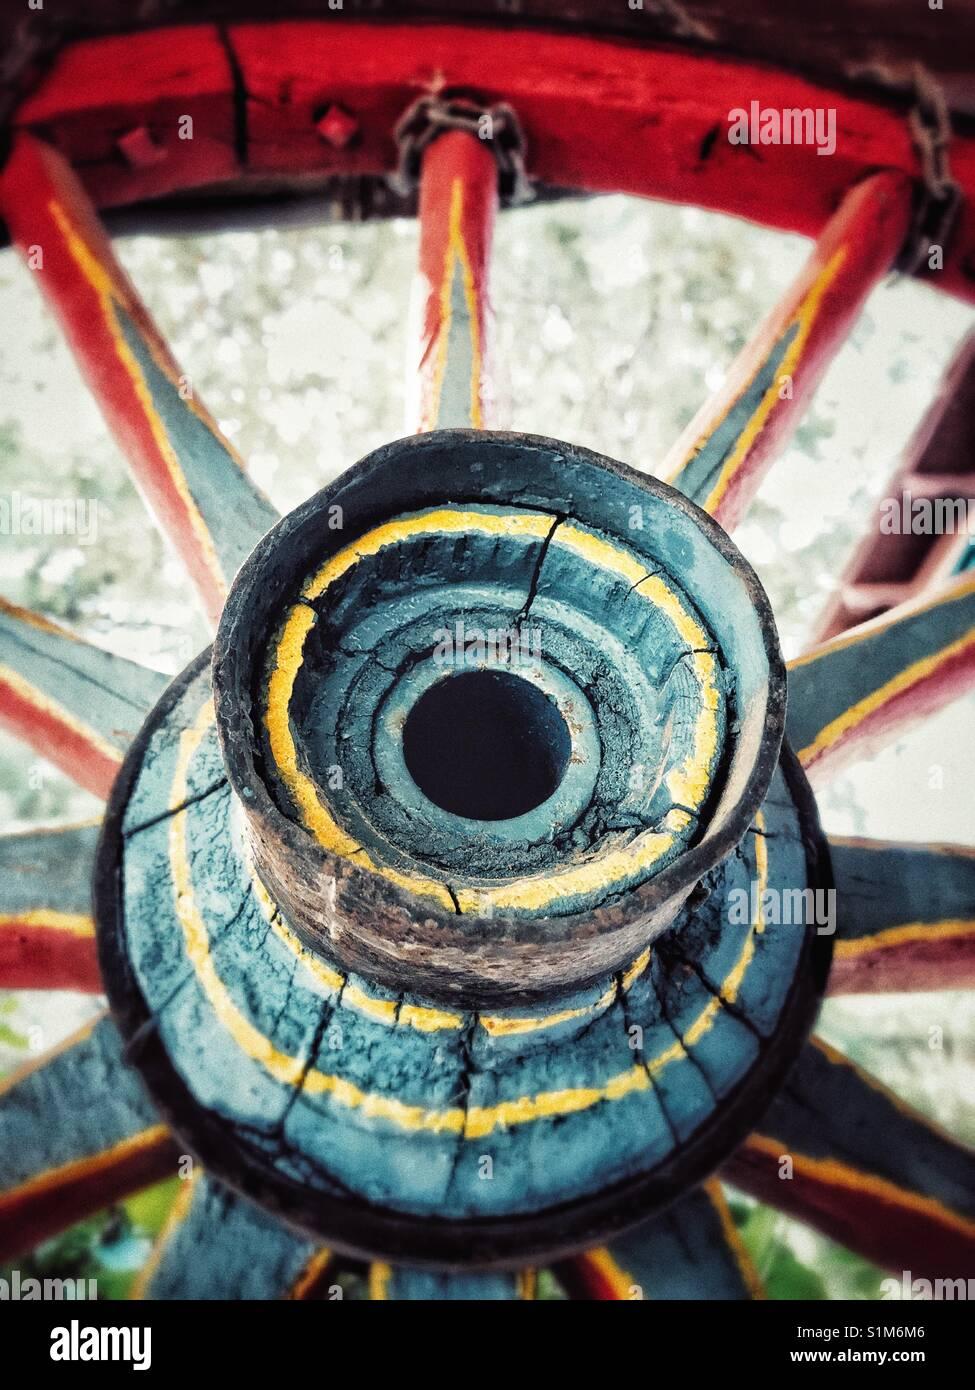 Gypsy cartwheel detail - Stock Image